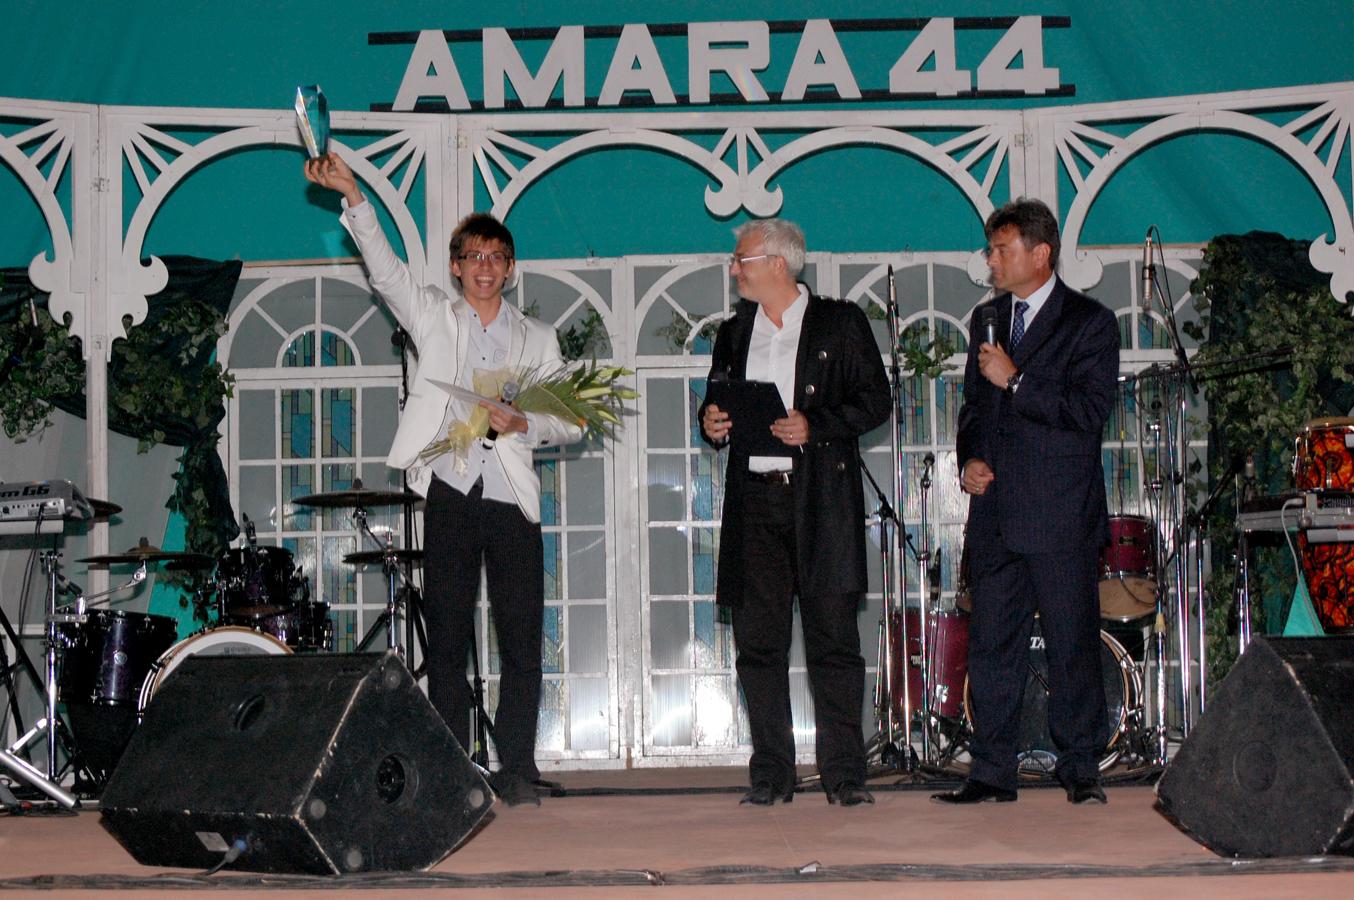 \'\'Trofeul tineretii\'\' - Amara 2011 - Cristian Gorun Sanda